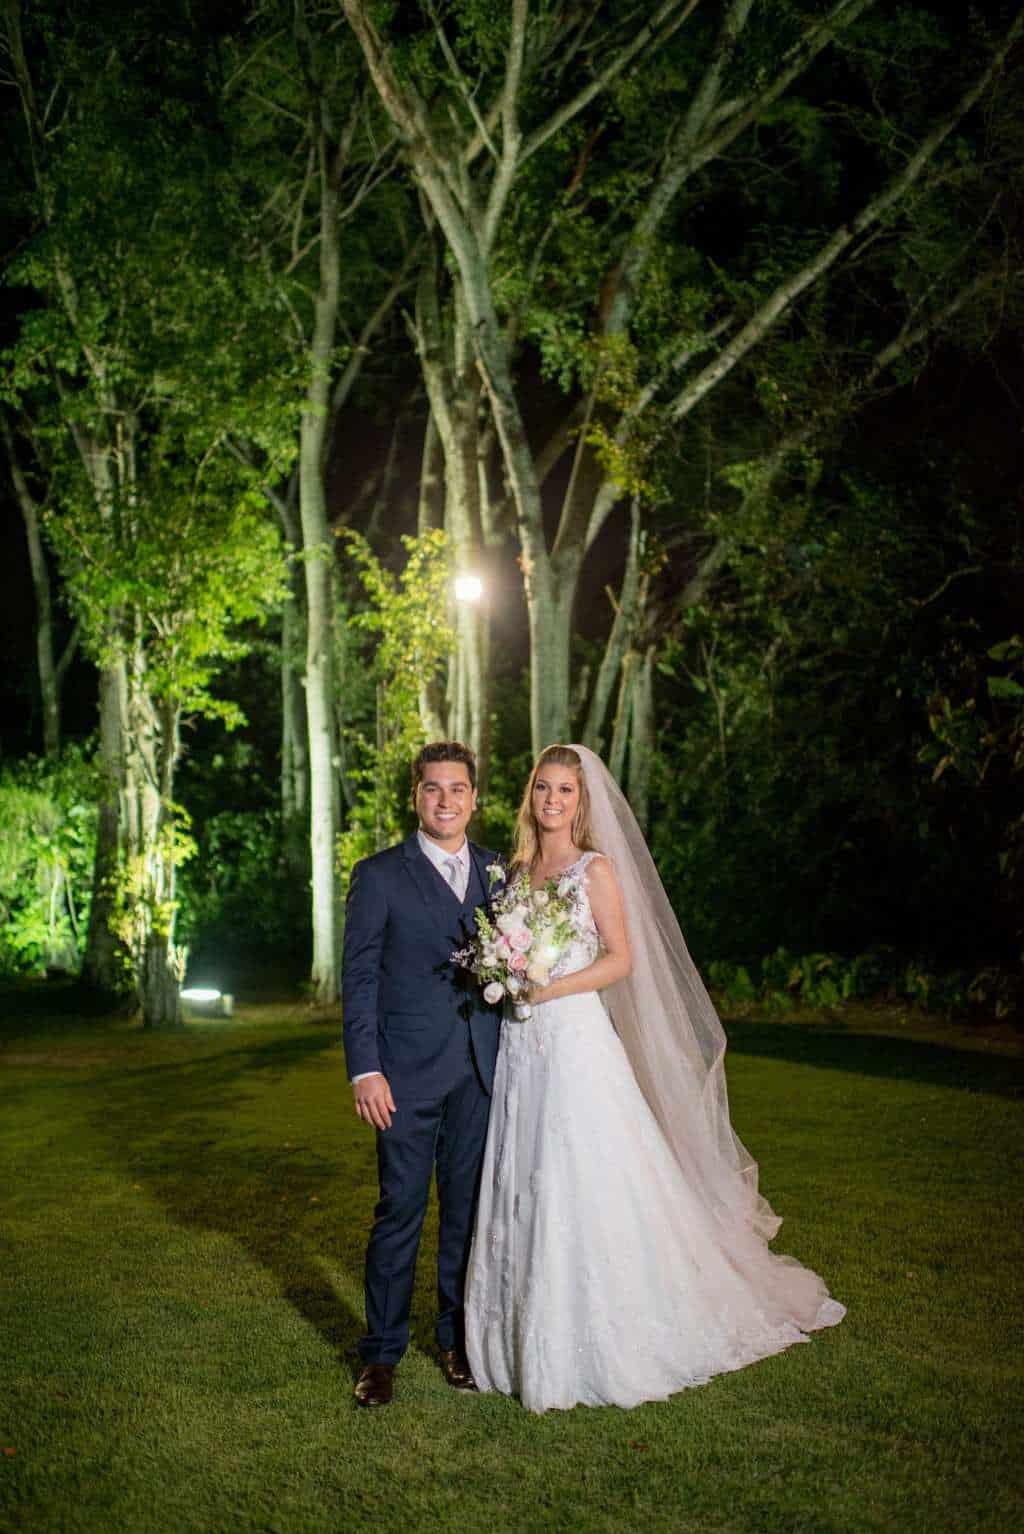 casamento-de-dia-casamento-Nicole-e-Thales-casamento-no-jardim-csasamento-ao-ar-livre-Fotografia-Marina-Fava-Galeria-Jardim-Rio-de-Janeiro-101